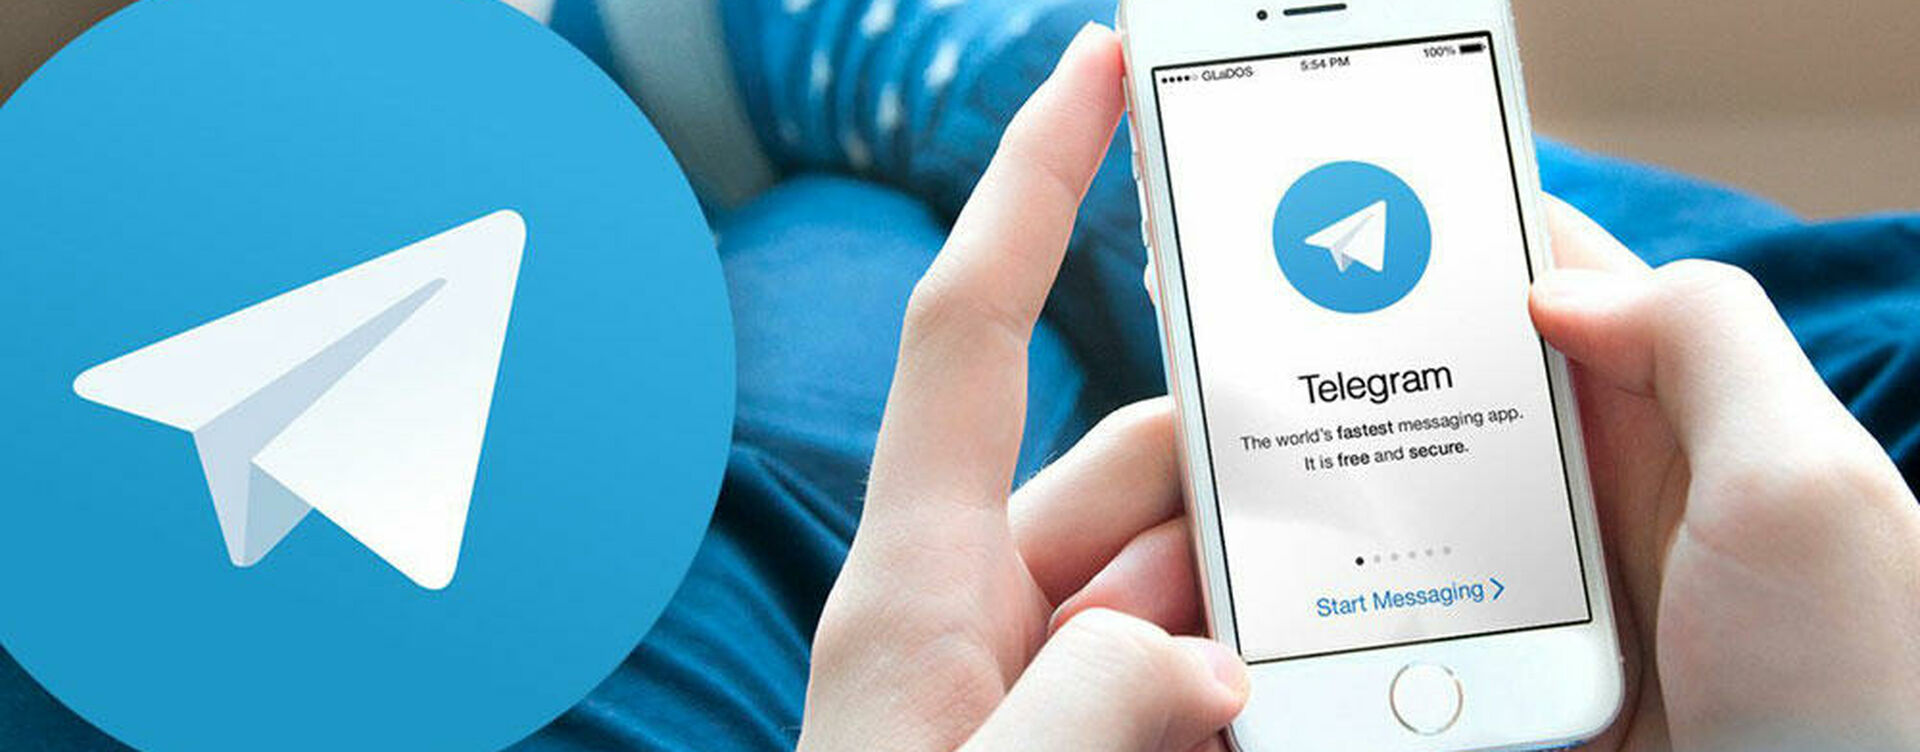 Накрутка подписчиков Телеграм